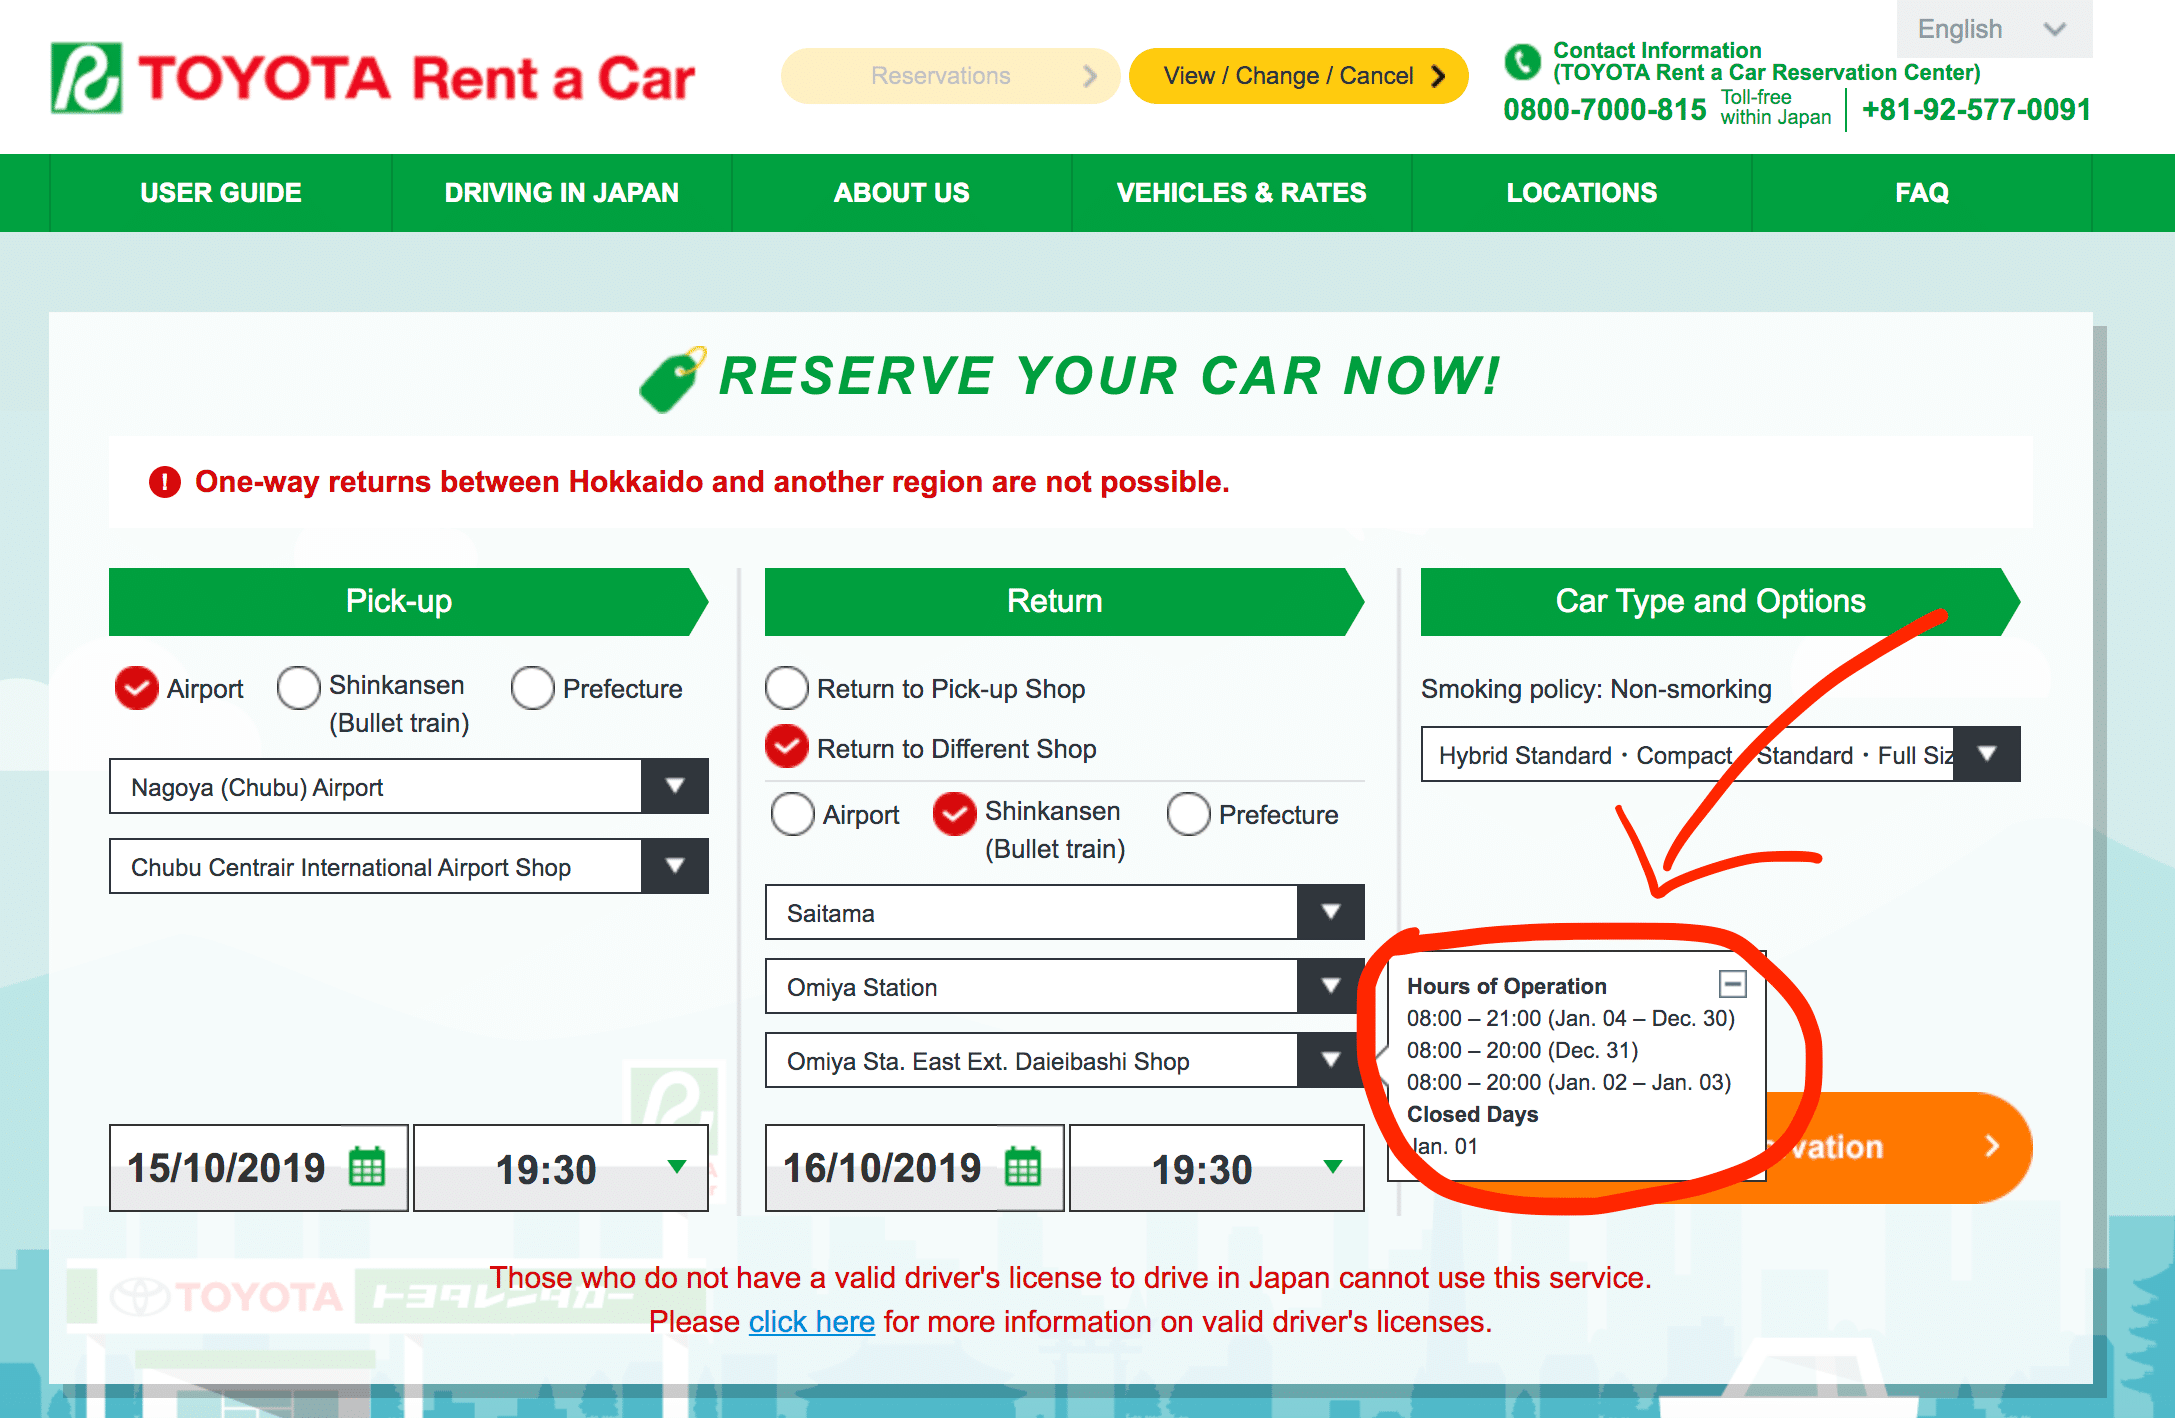 wypożyczenie samochodu wJaponii